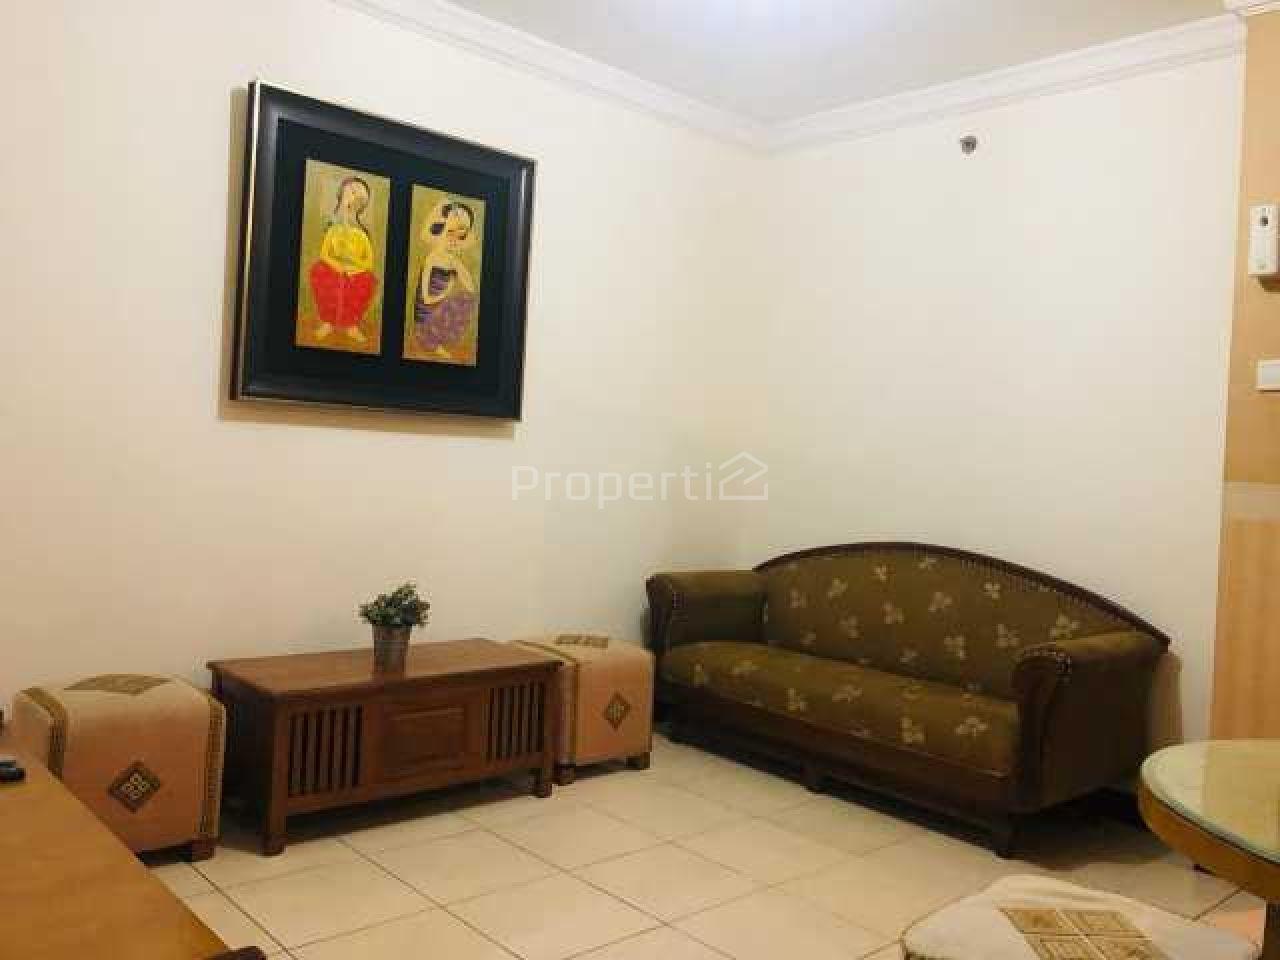 Unit 2BR di Apartemen Majesty, Lantai 1, Jawa Barat